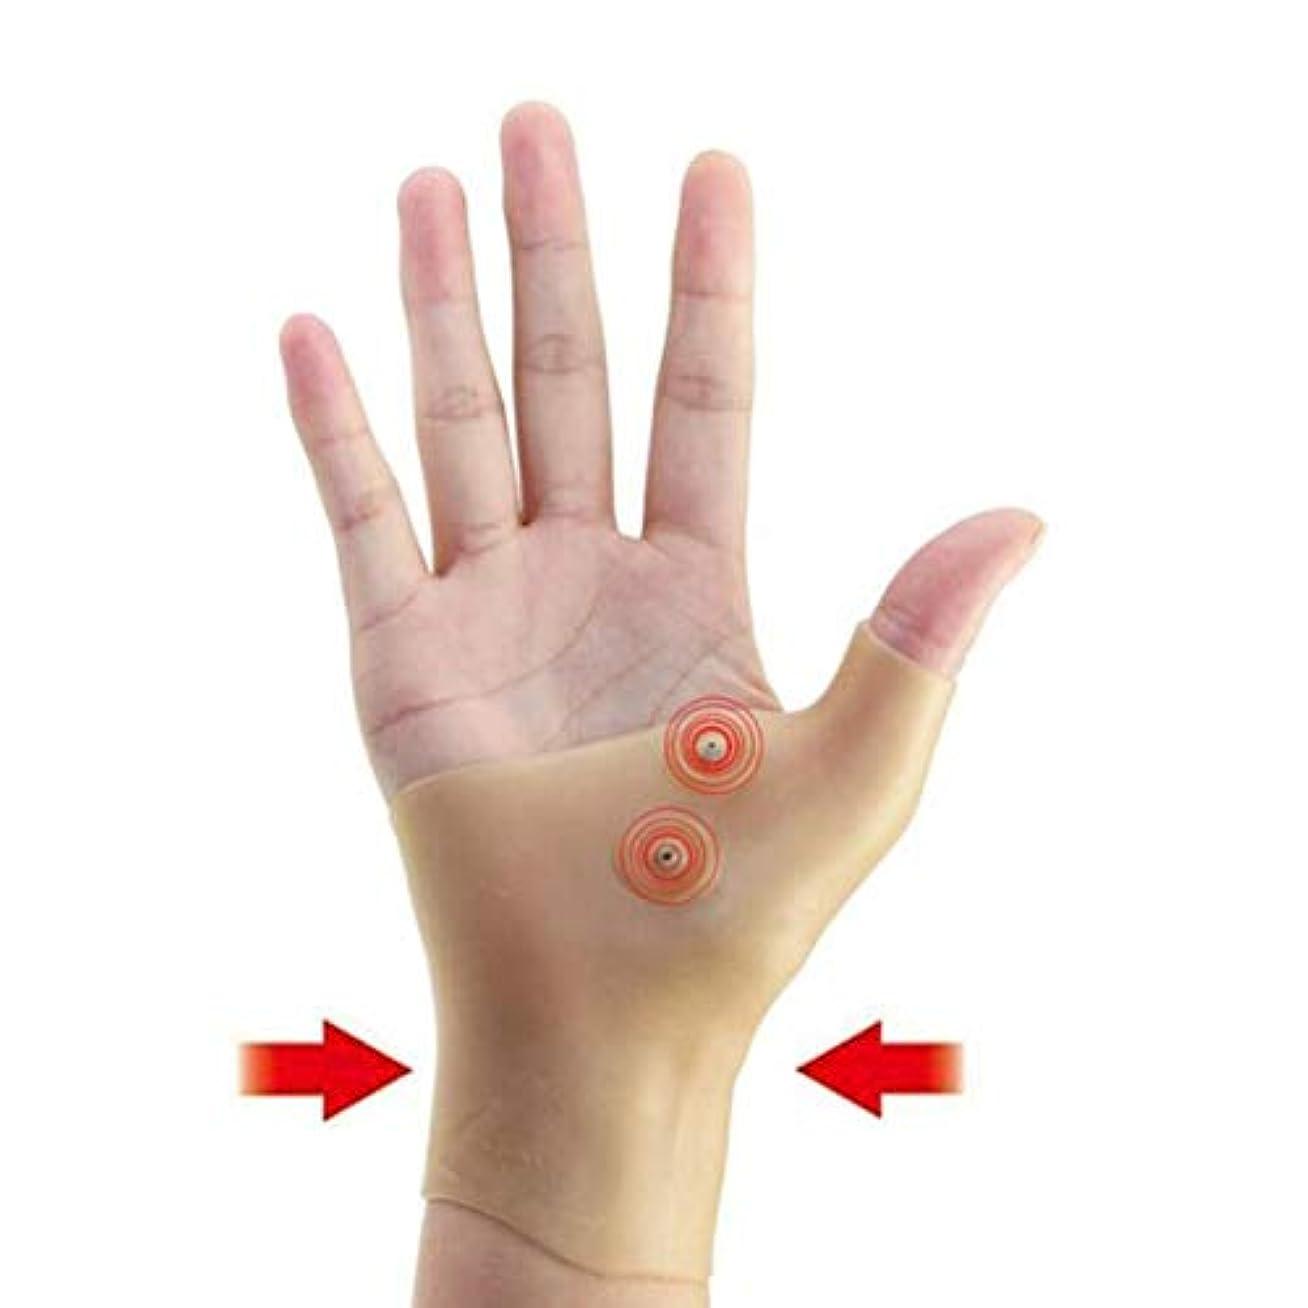 枝持参作家磁気療法手首手親指サポート手袋シリコーンゲル関節炎圧力矯正器マッサージ痛み緩和手袋 - 肌の色